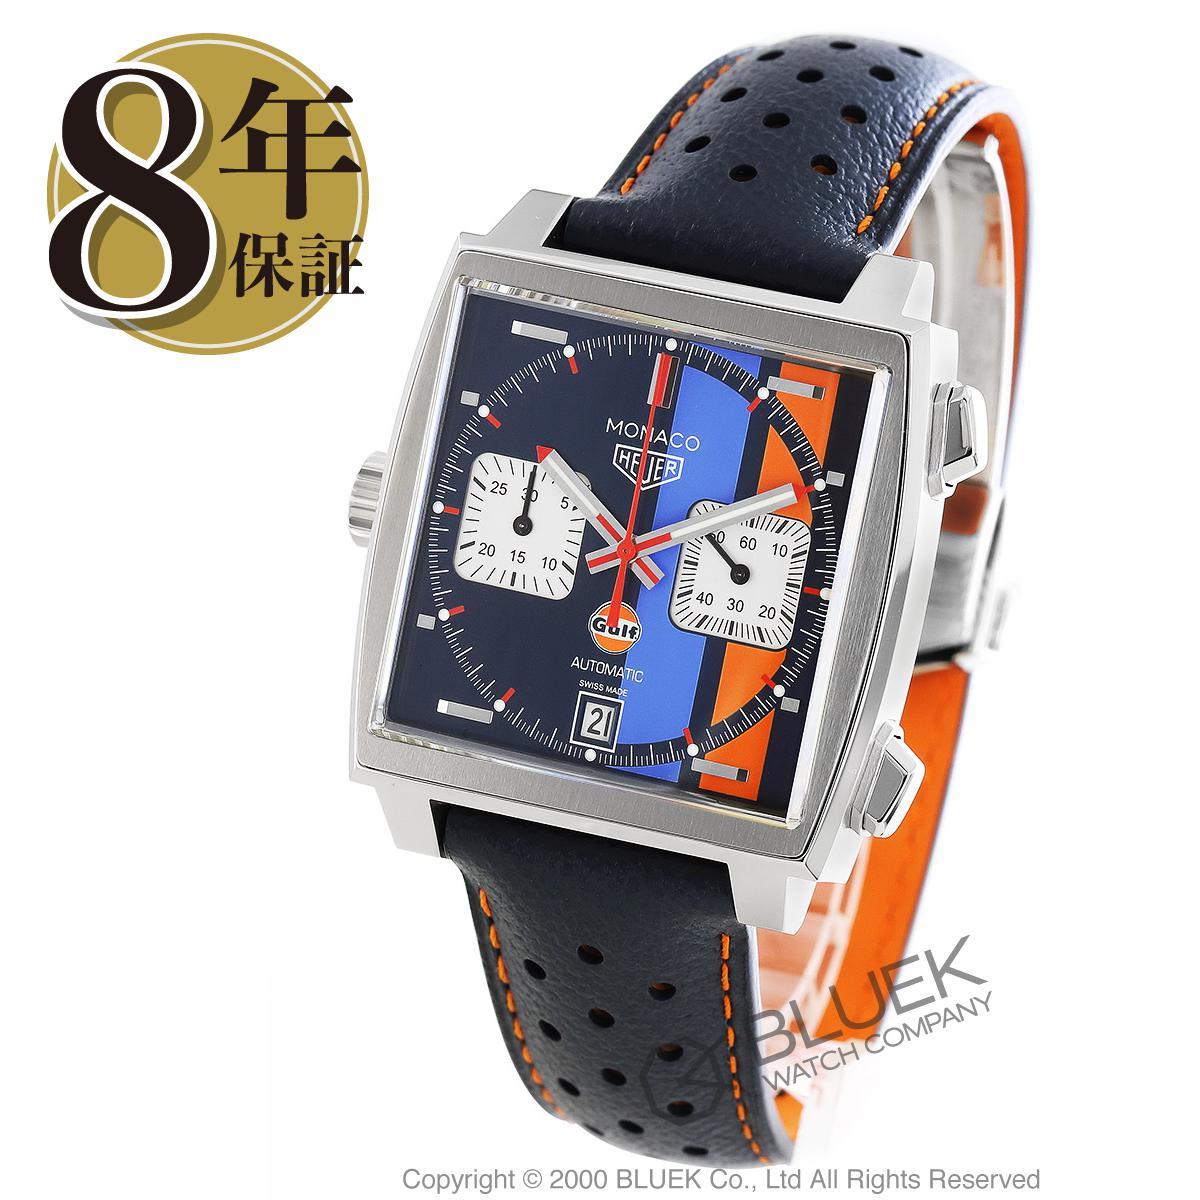 タグホイヤー モナコ キャリバー11 ガルフ スペシャルエディション クロノグラフ 腕時計 メンズ TAG Heuer CAW.211R.FC6401_8